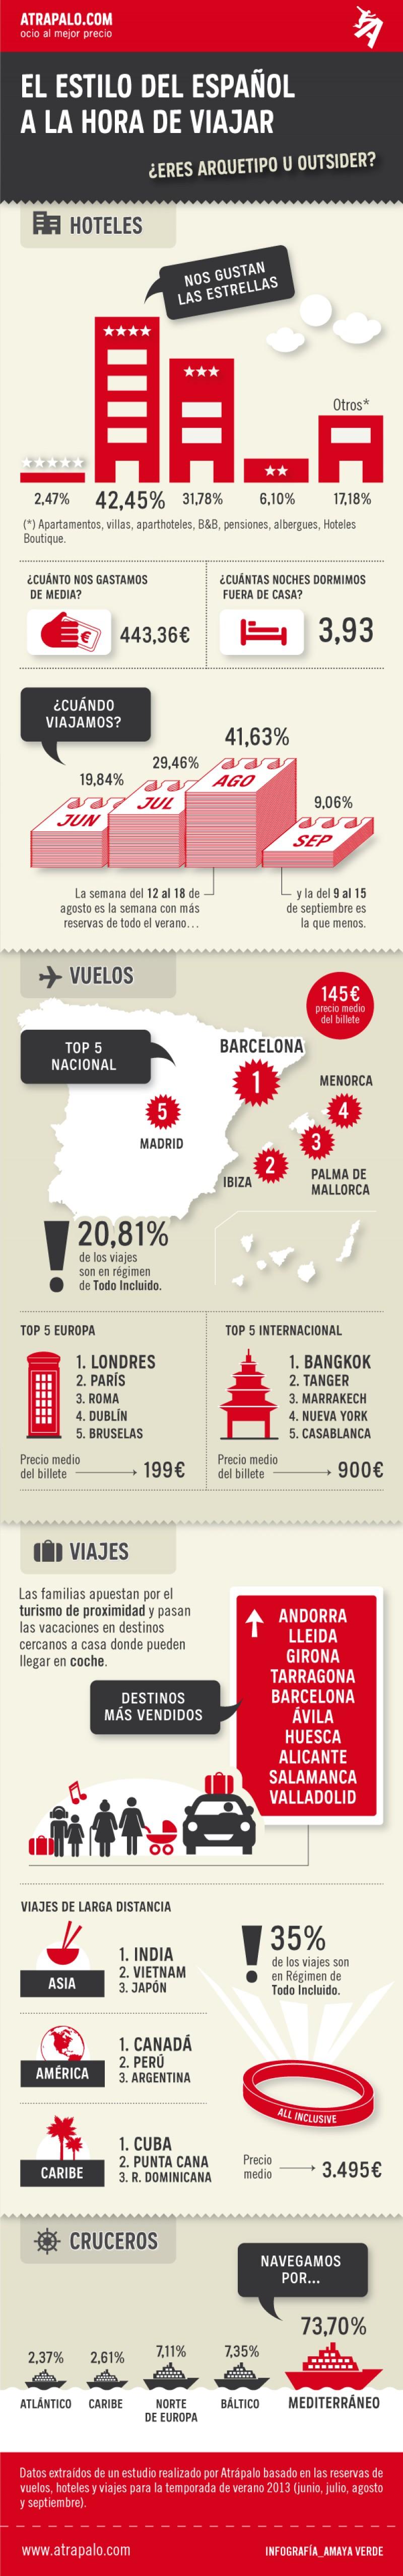 Hábitos del turista español a la hora de viajar